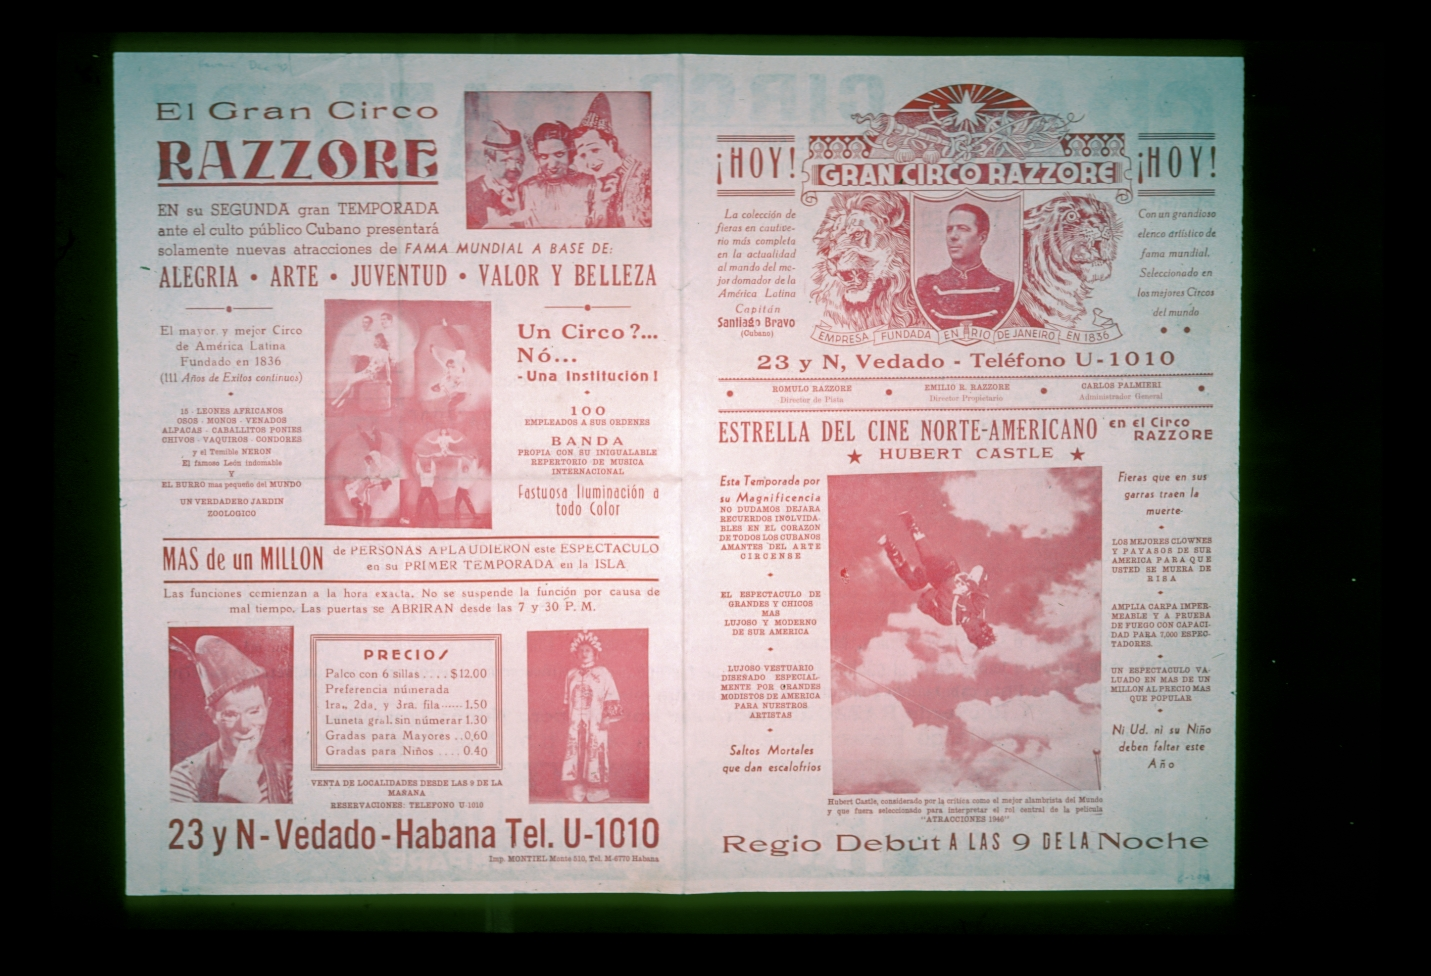 1958 - FOTOS DE CUBA ! SOLAMENTES DE ANTES DEL 1958 !!!! - Página 17 C-204a